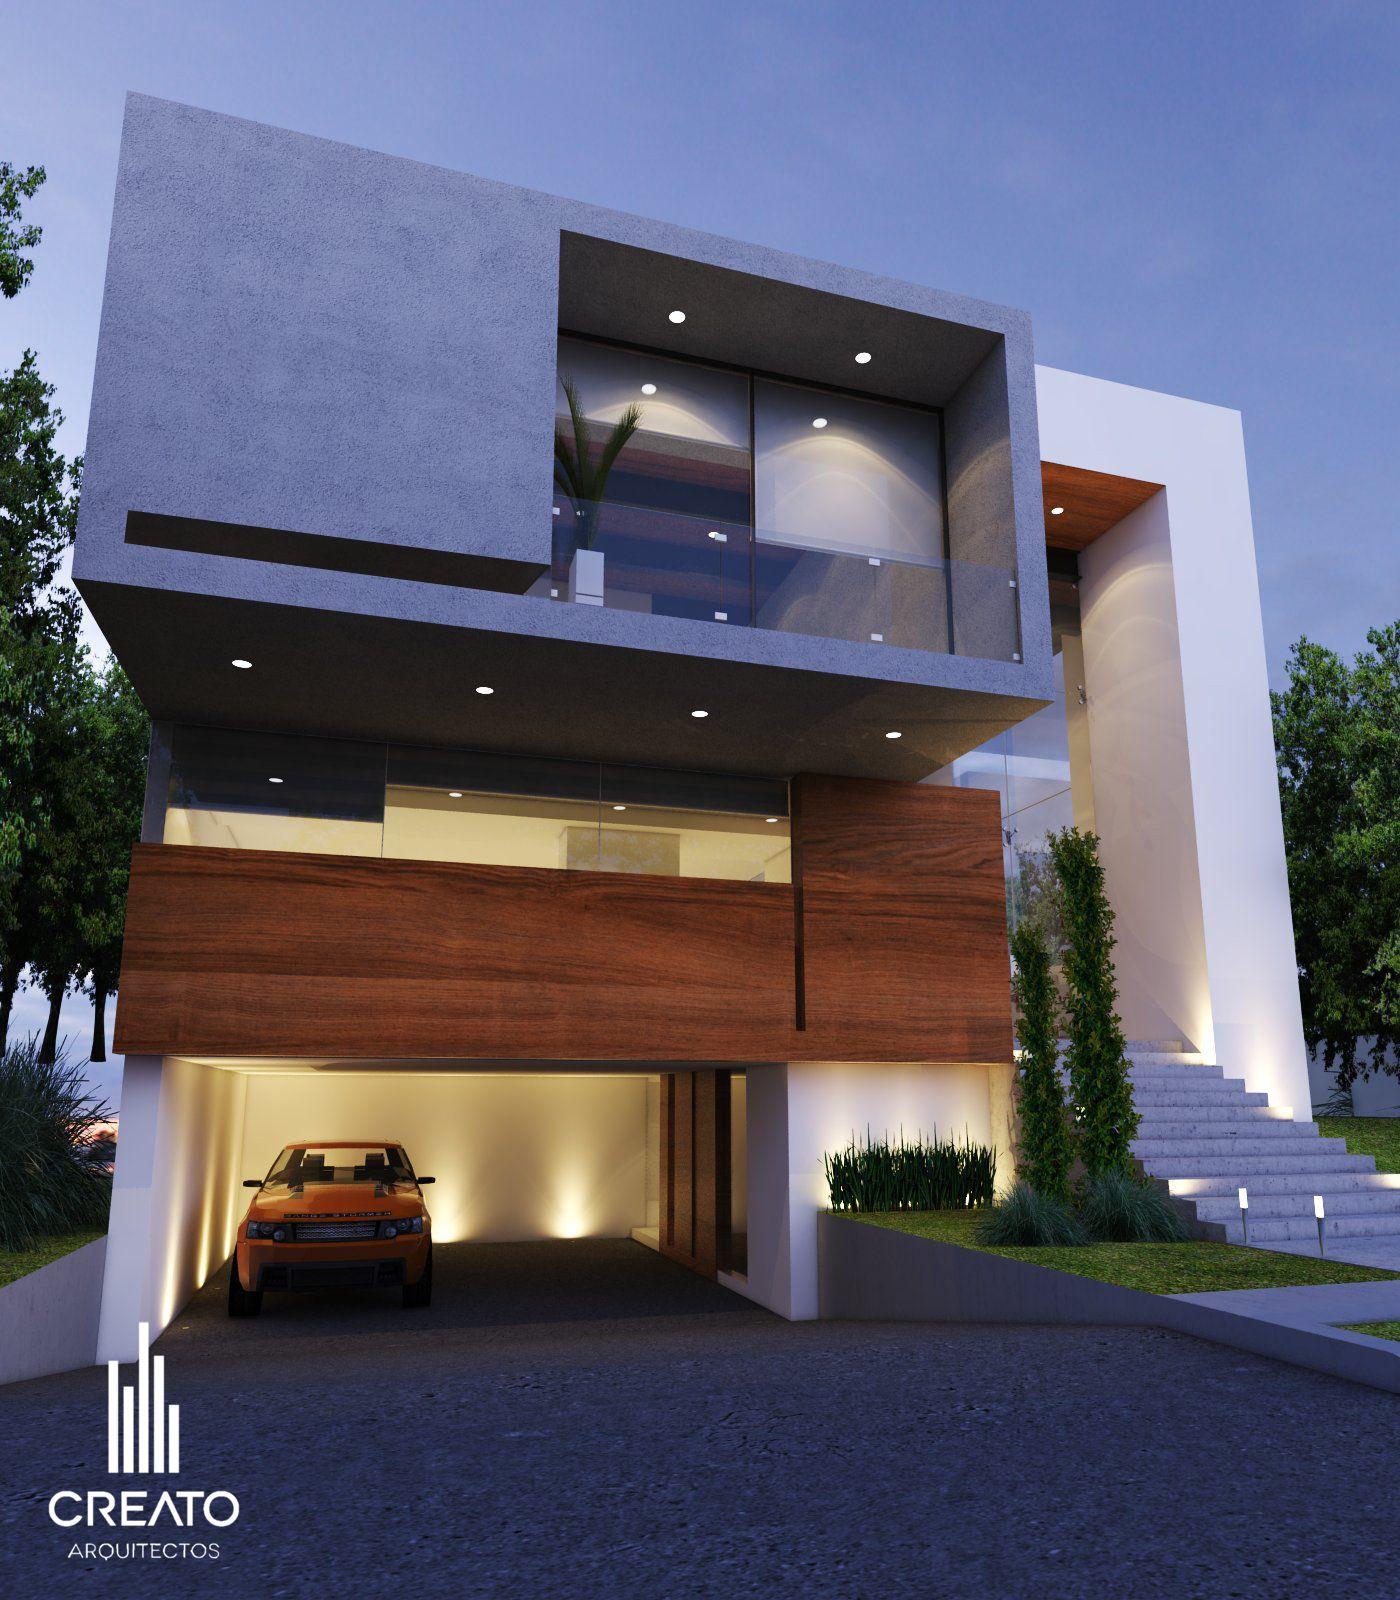 Casa campo lago por creato arquitectos salas casas - Fachadas arquitectura ...